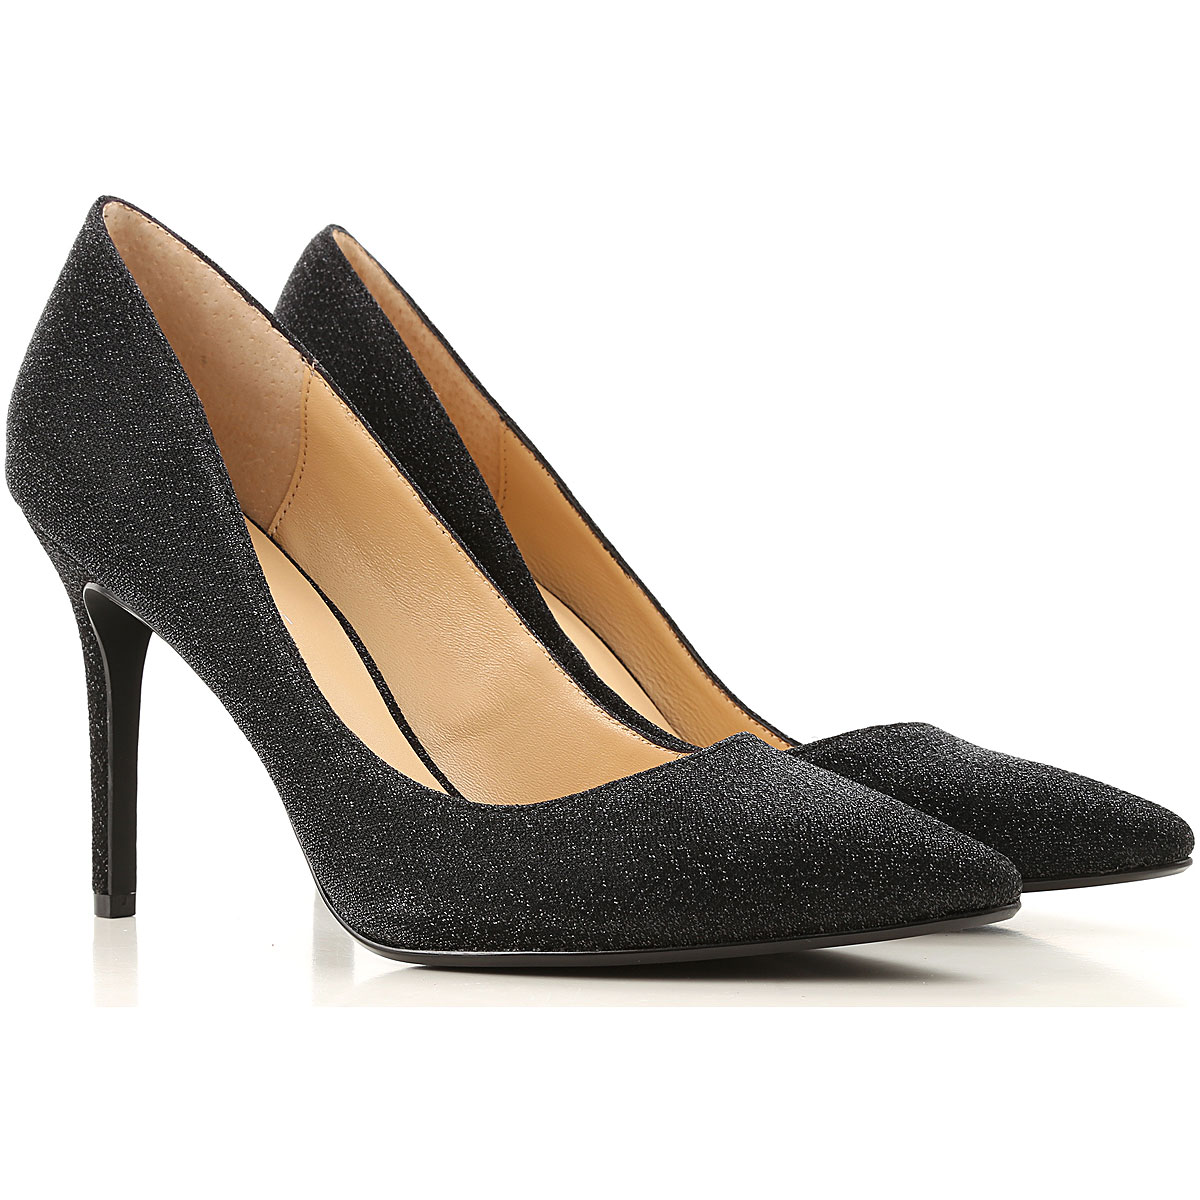 Kendall Kylie Pumps & High Heels for Women, Black, lurex, 2019, 6.5 8 8.5